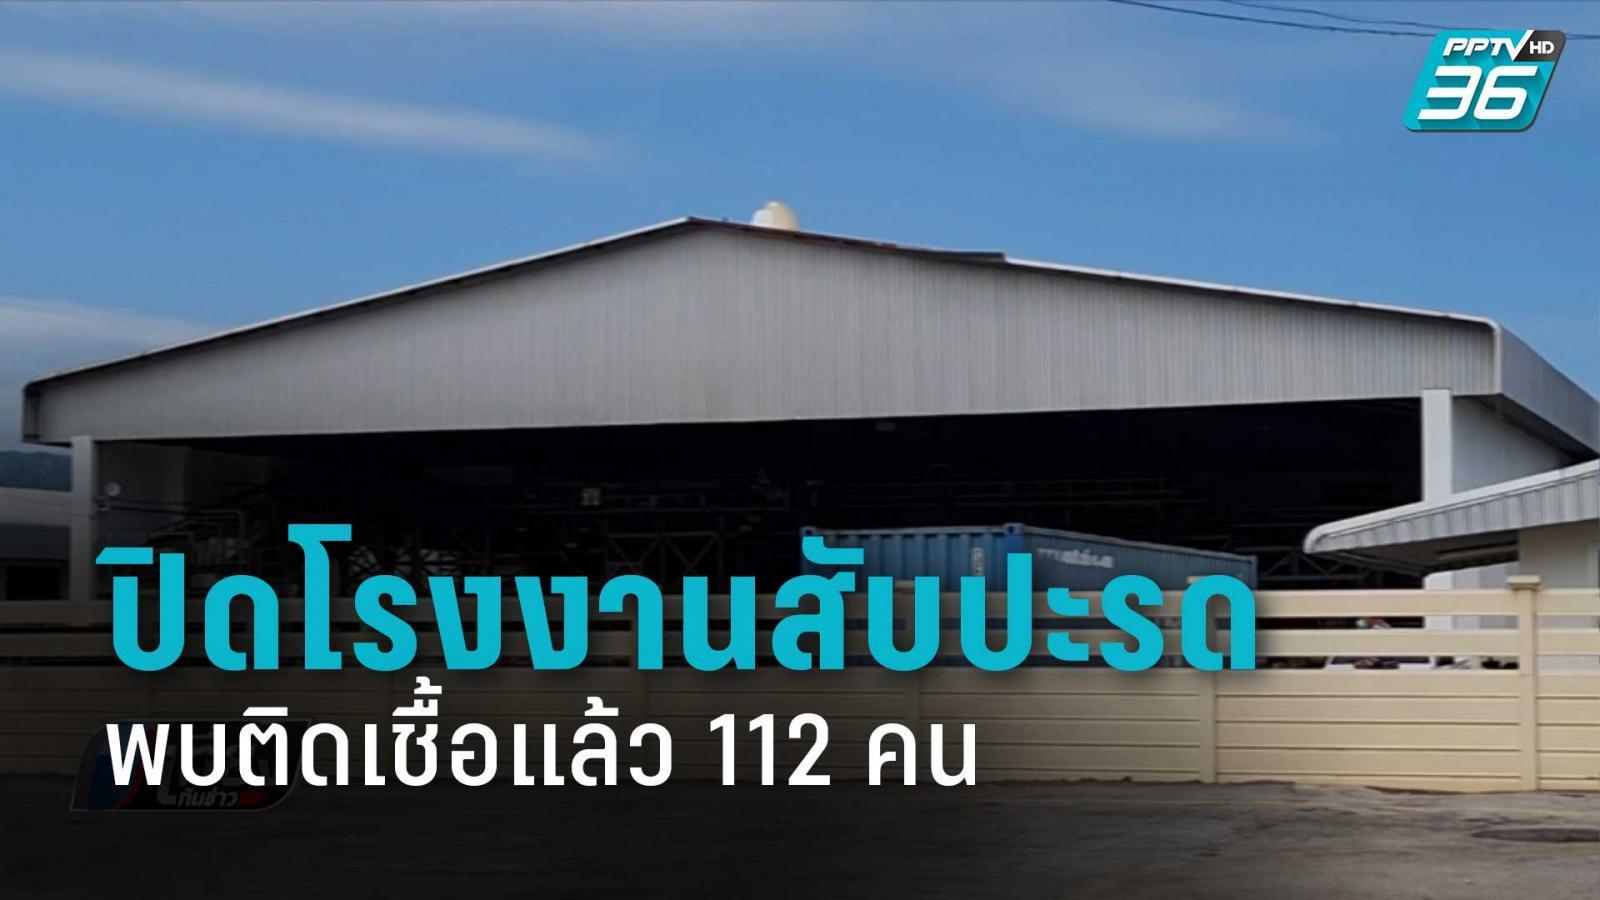 ประจวบฯ ปิดโรงงานสับปะรด พบติดเชื้อแล้ว 112 คน กักตัวพนักงาน 14 วัน